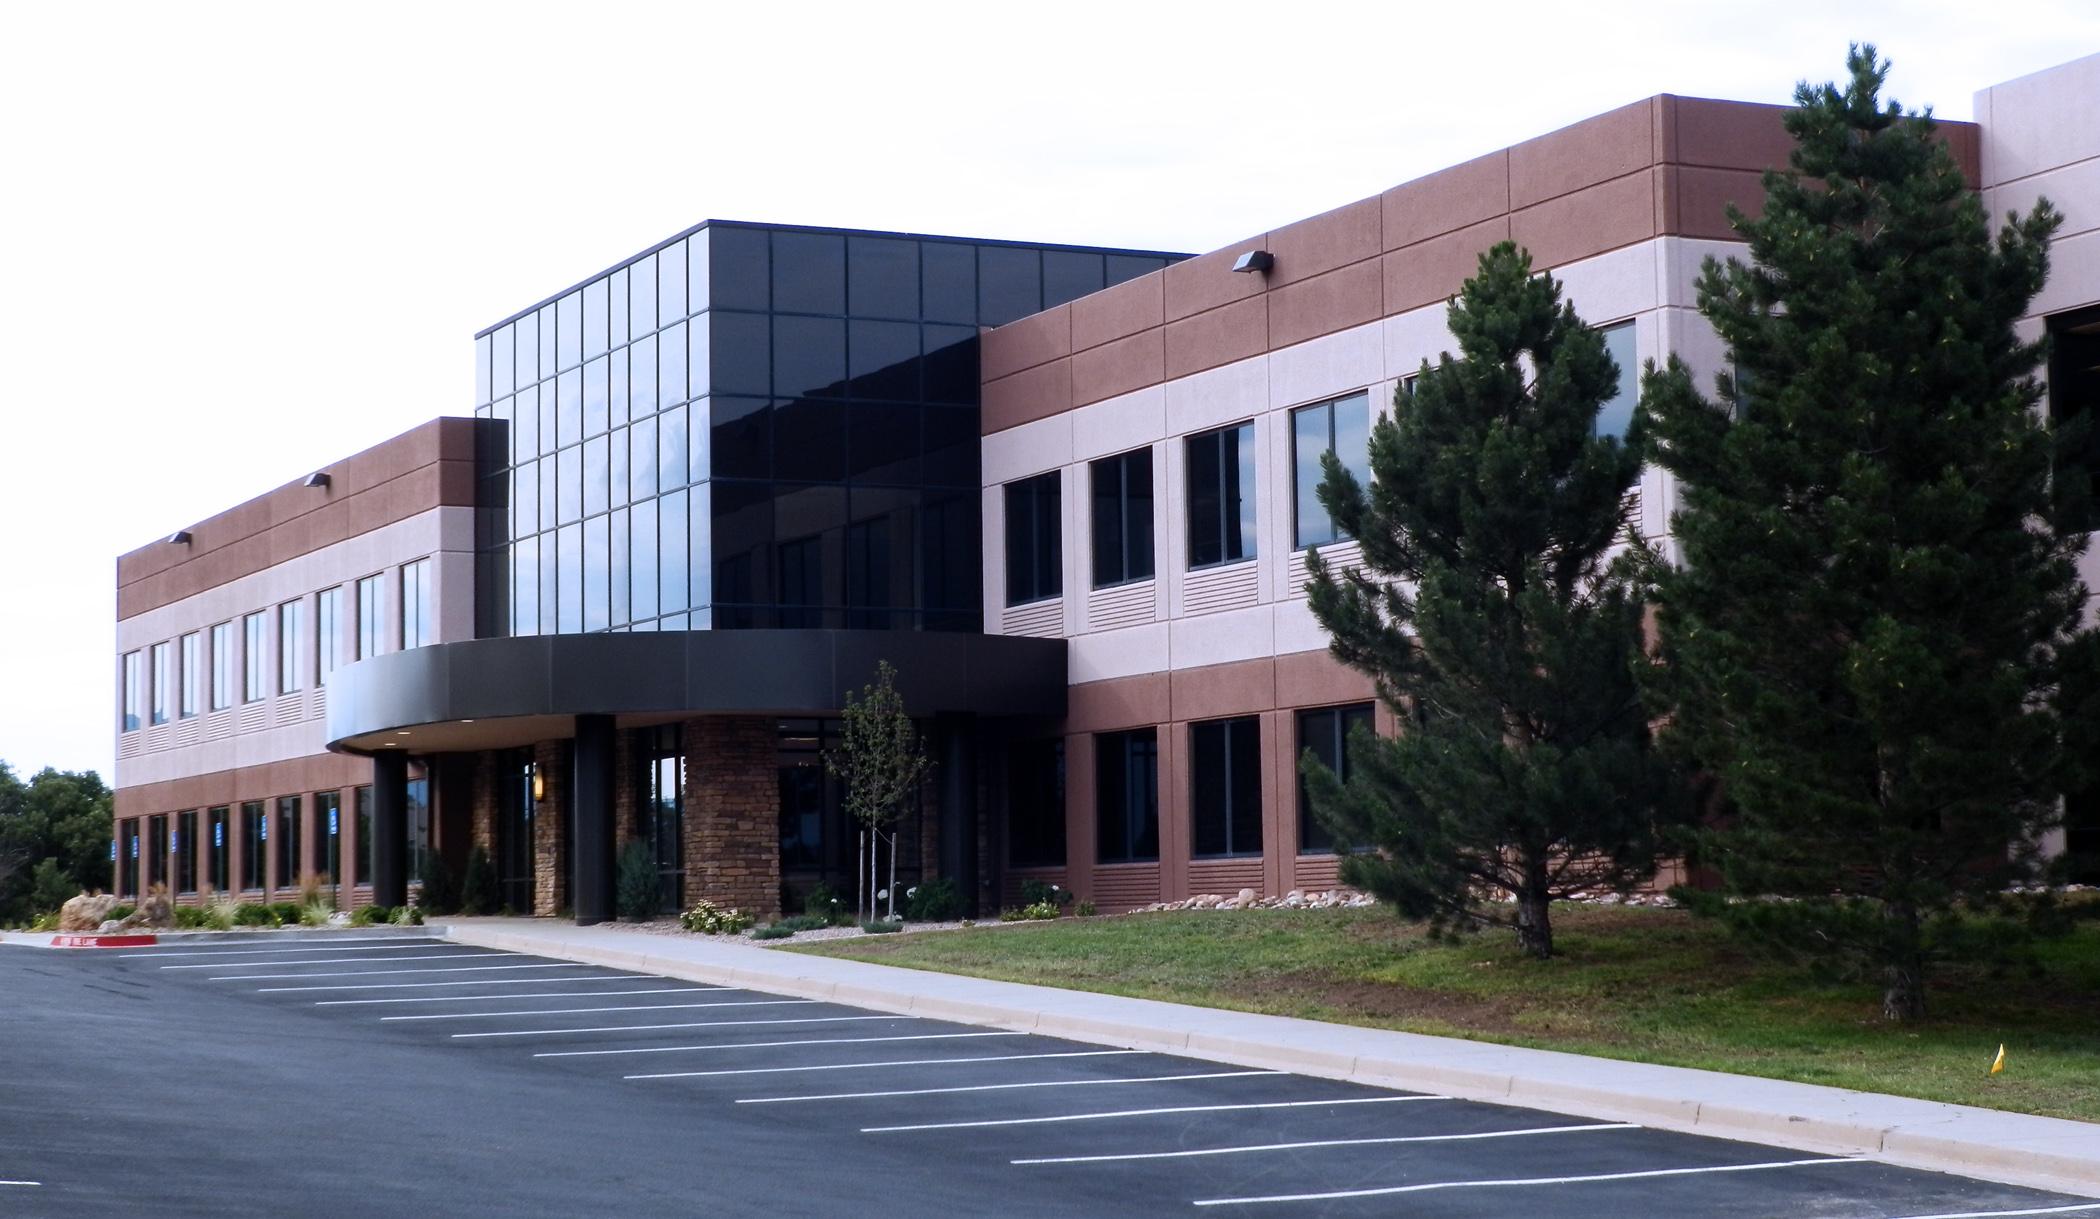 Pike's Peak Hospice & Palliative Care Colorado Springs, CO